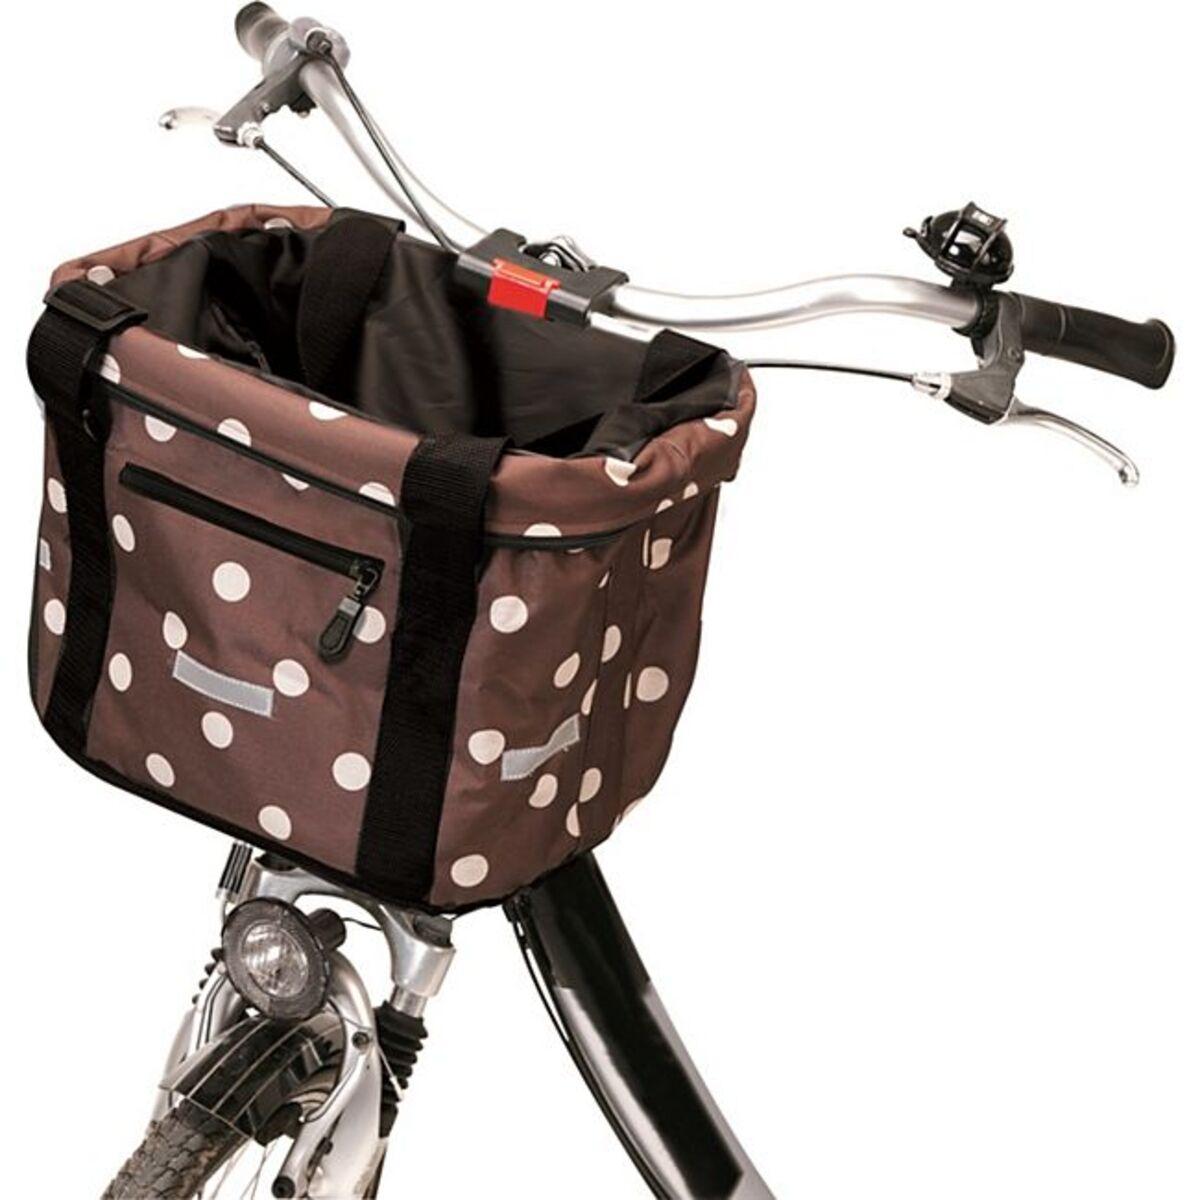 Bild 1 von Faltbarer Fahrradkorb Braun mit Punkten